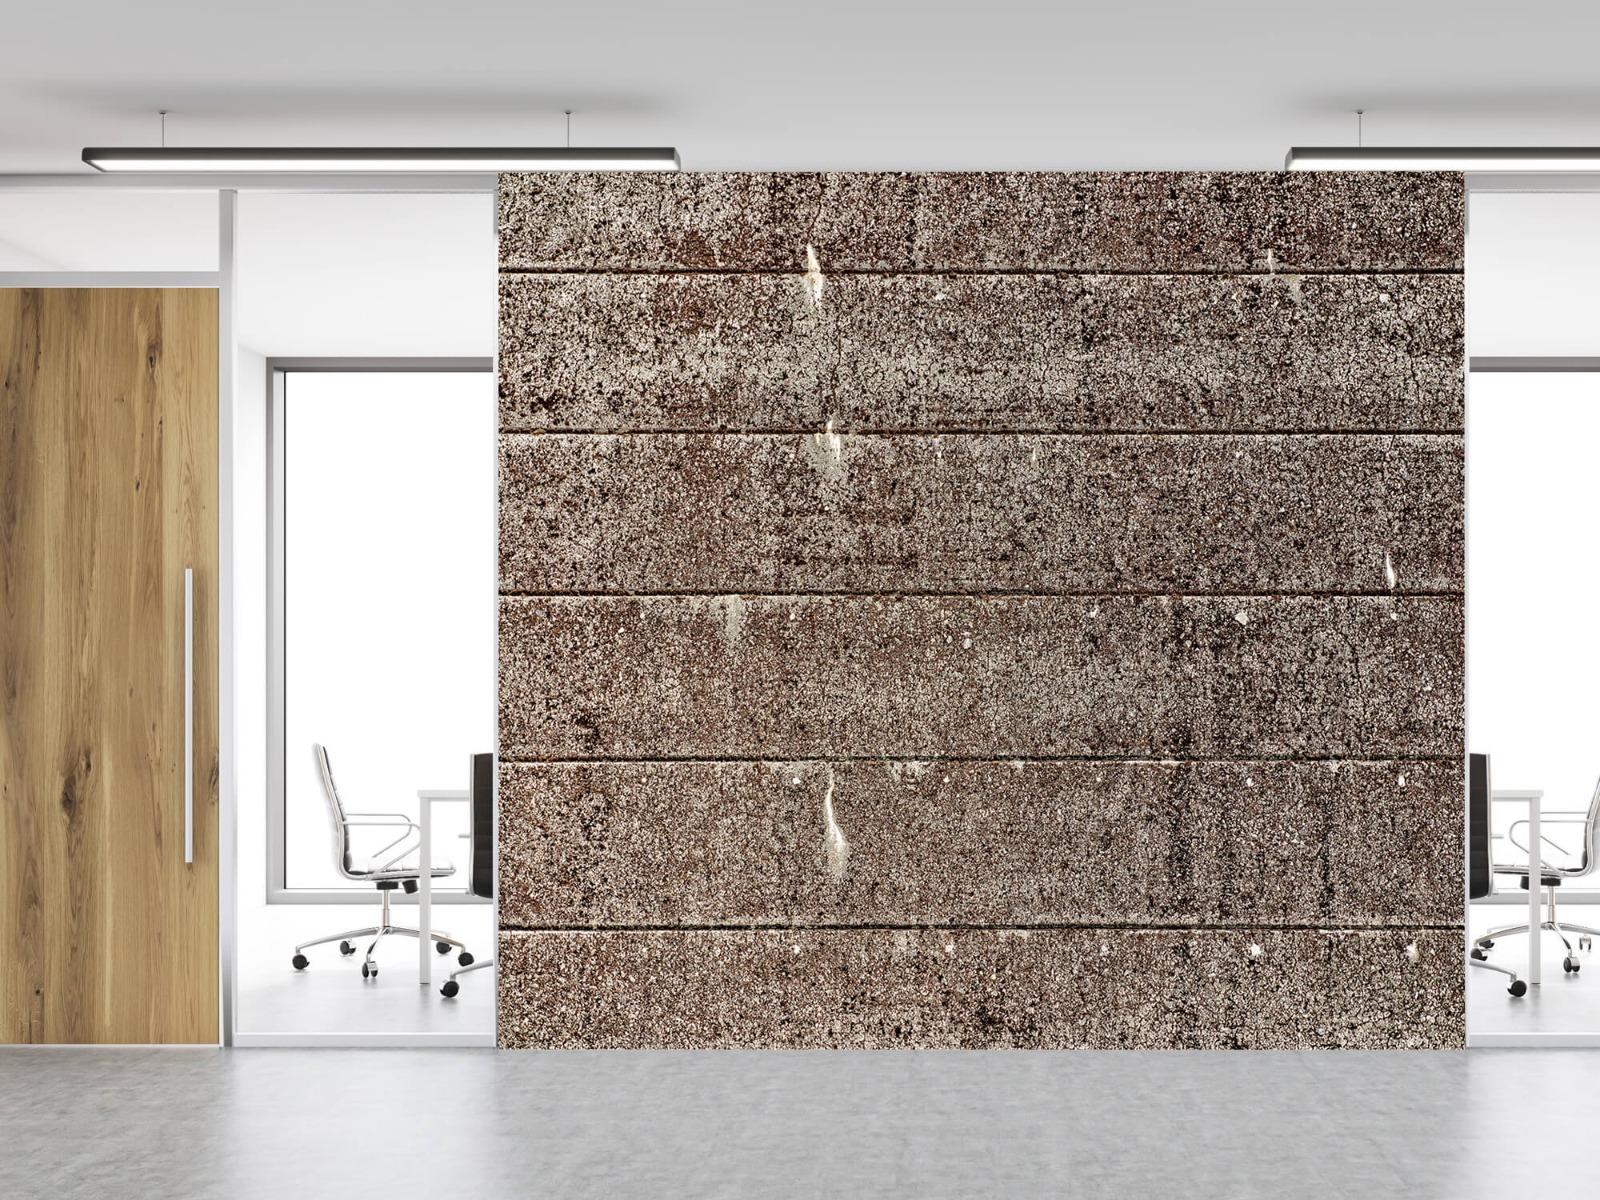 Steen behang - Oude betonnen damwand - Tienerkamer 4